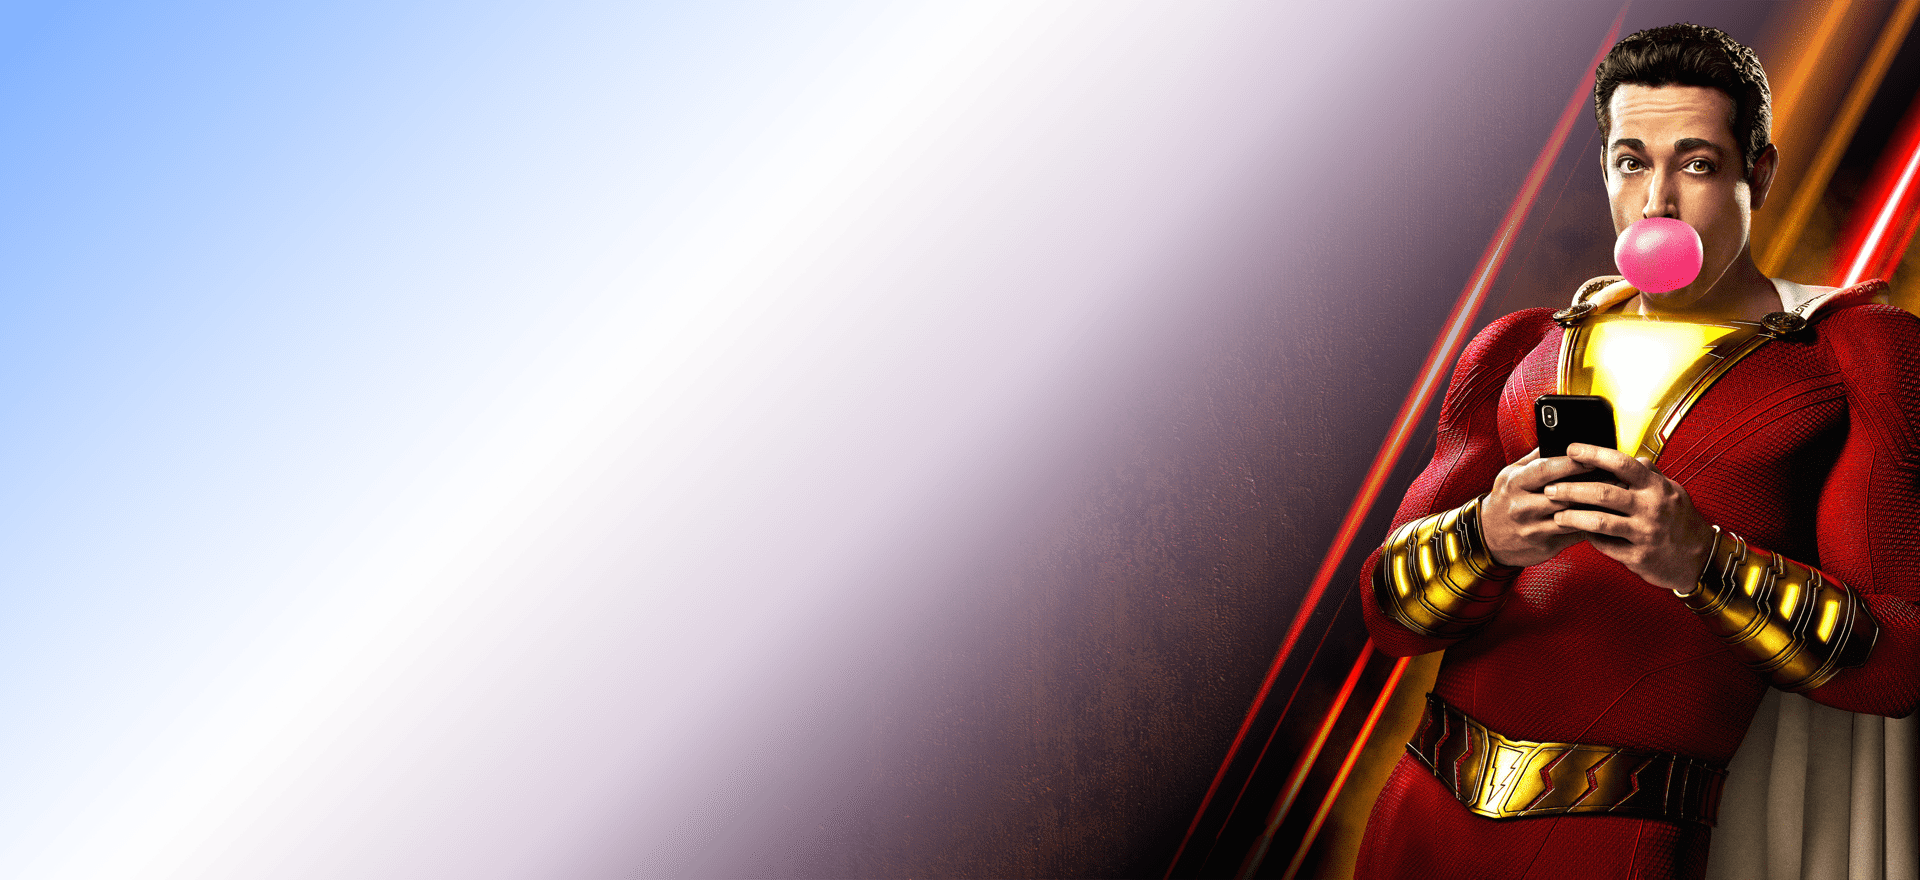 background for Shazam card